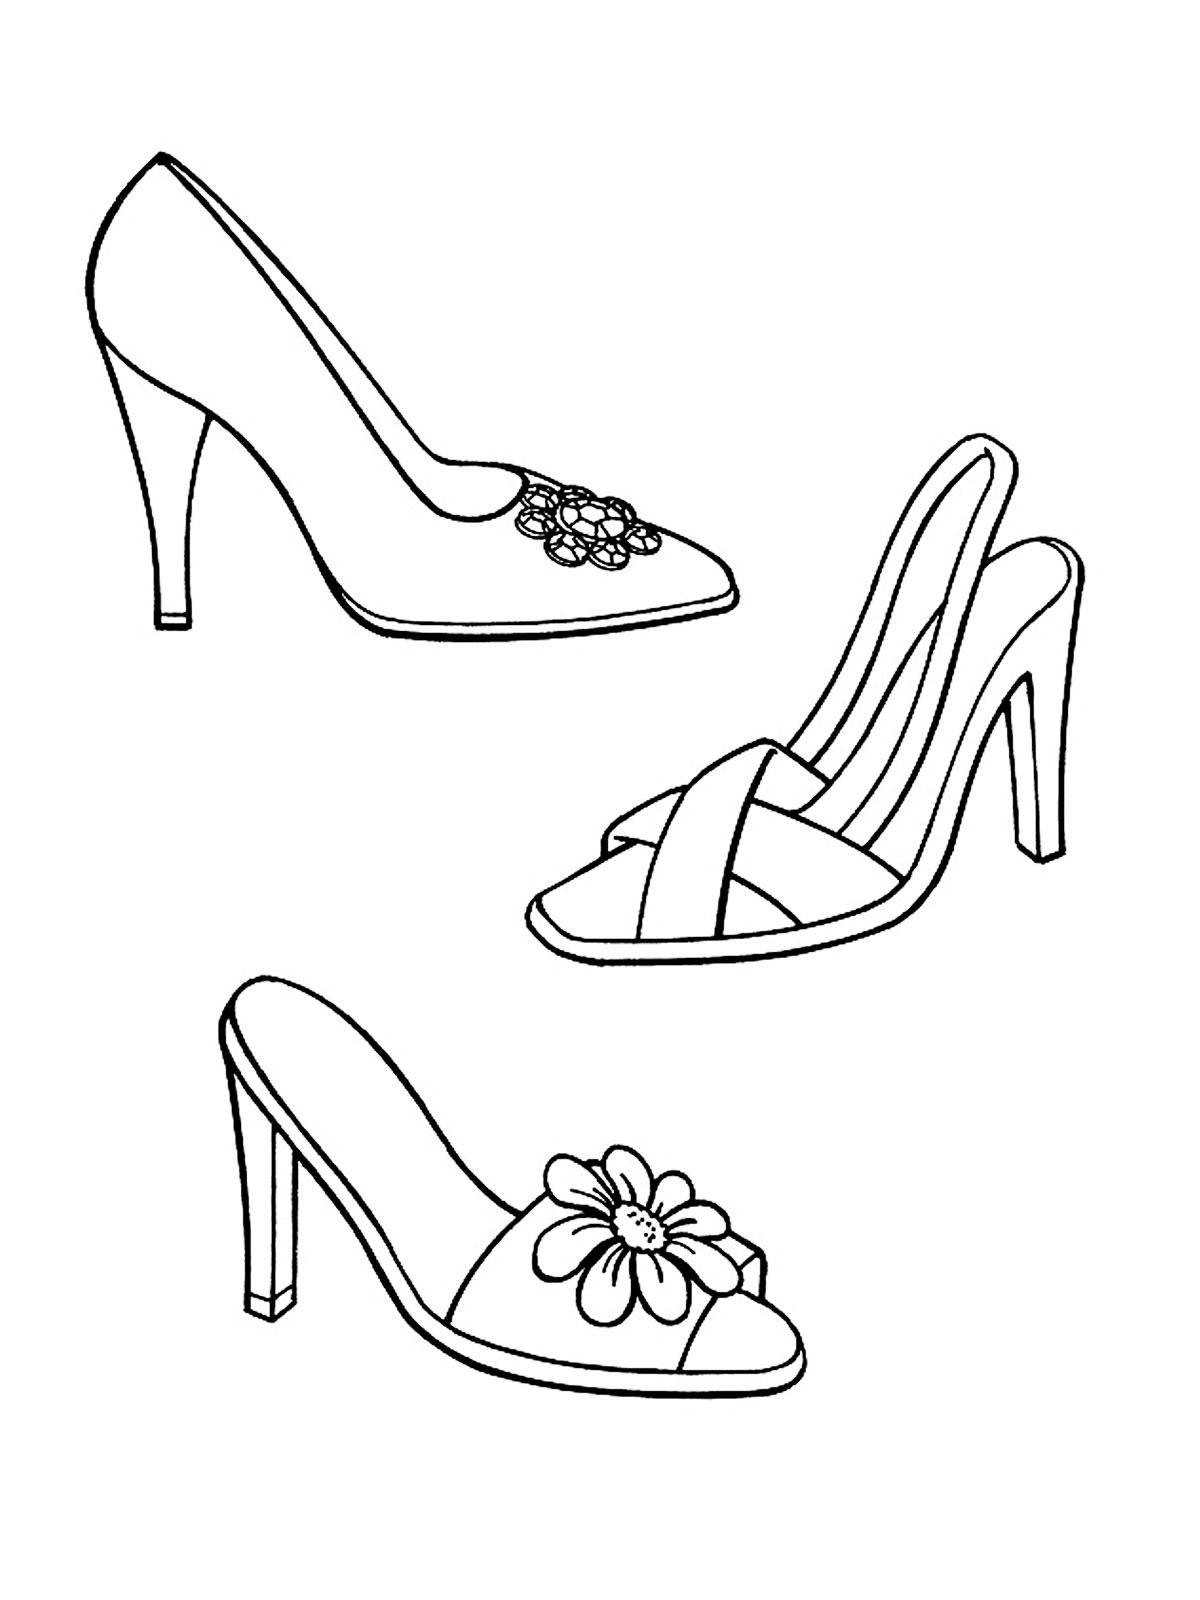 Раскраски одежда и обувь. Скачать. Распечатать